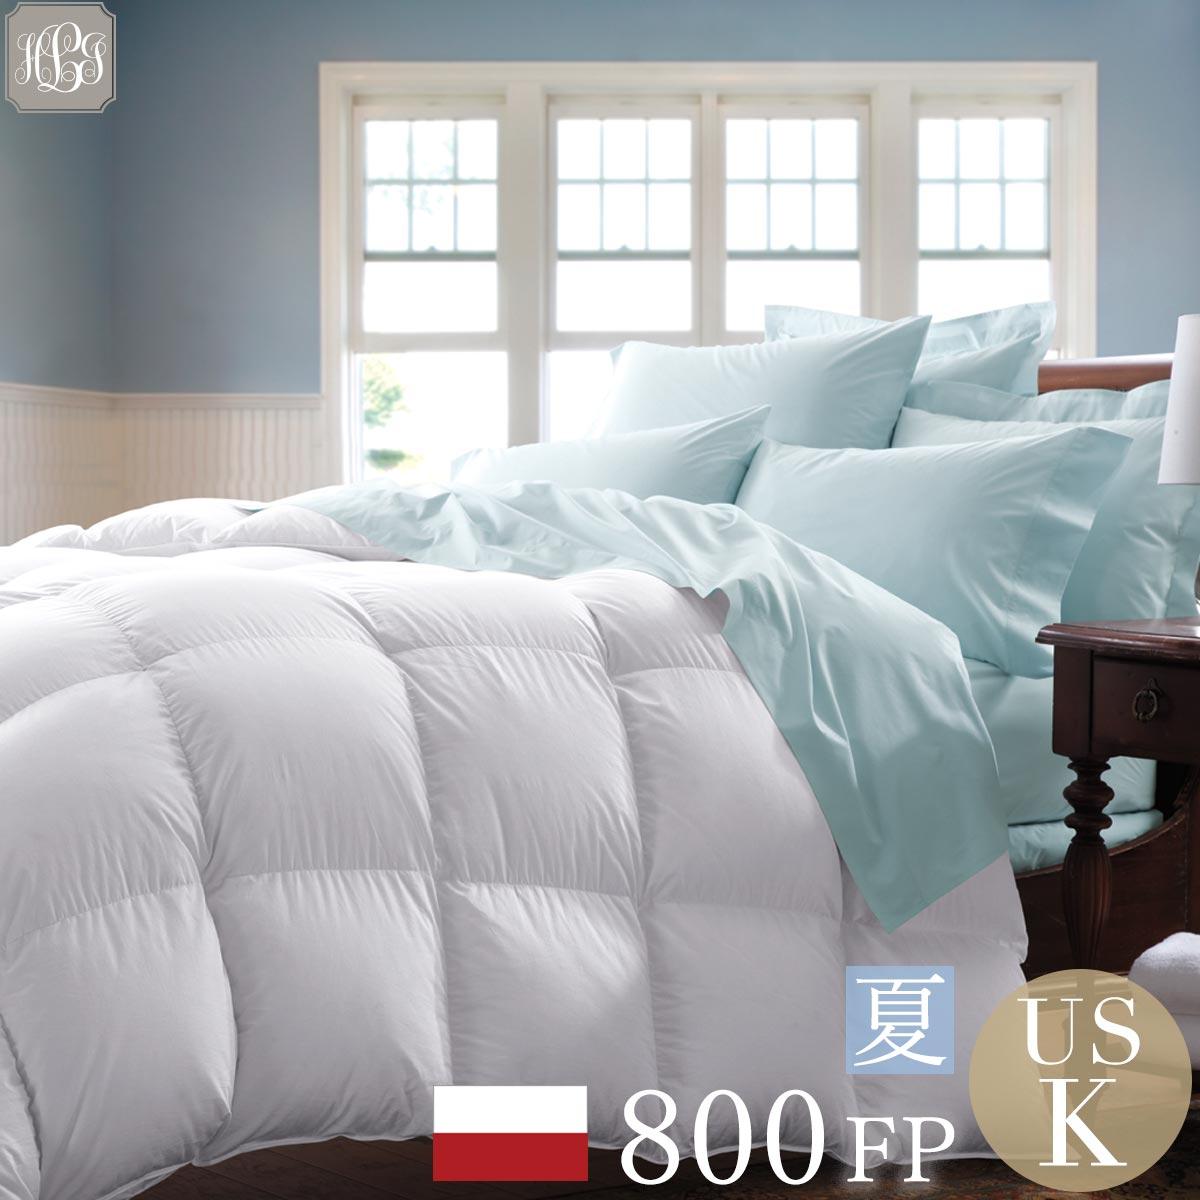 夏用 USキング 270cmx235cm 羽毛肌掛け布団 800フィルパワーポーランド産ホワイトマザーグースダウン ダウンブランケット